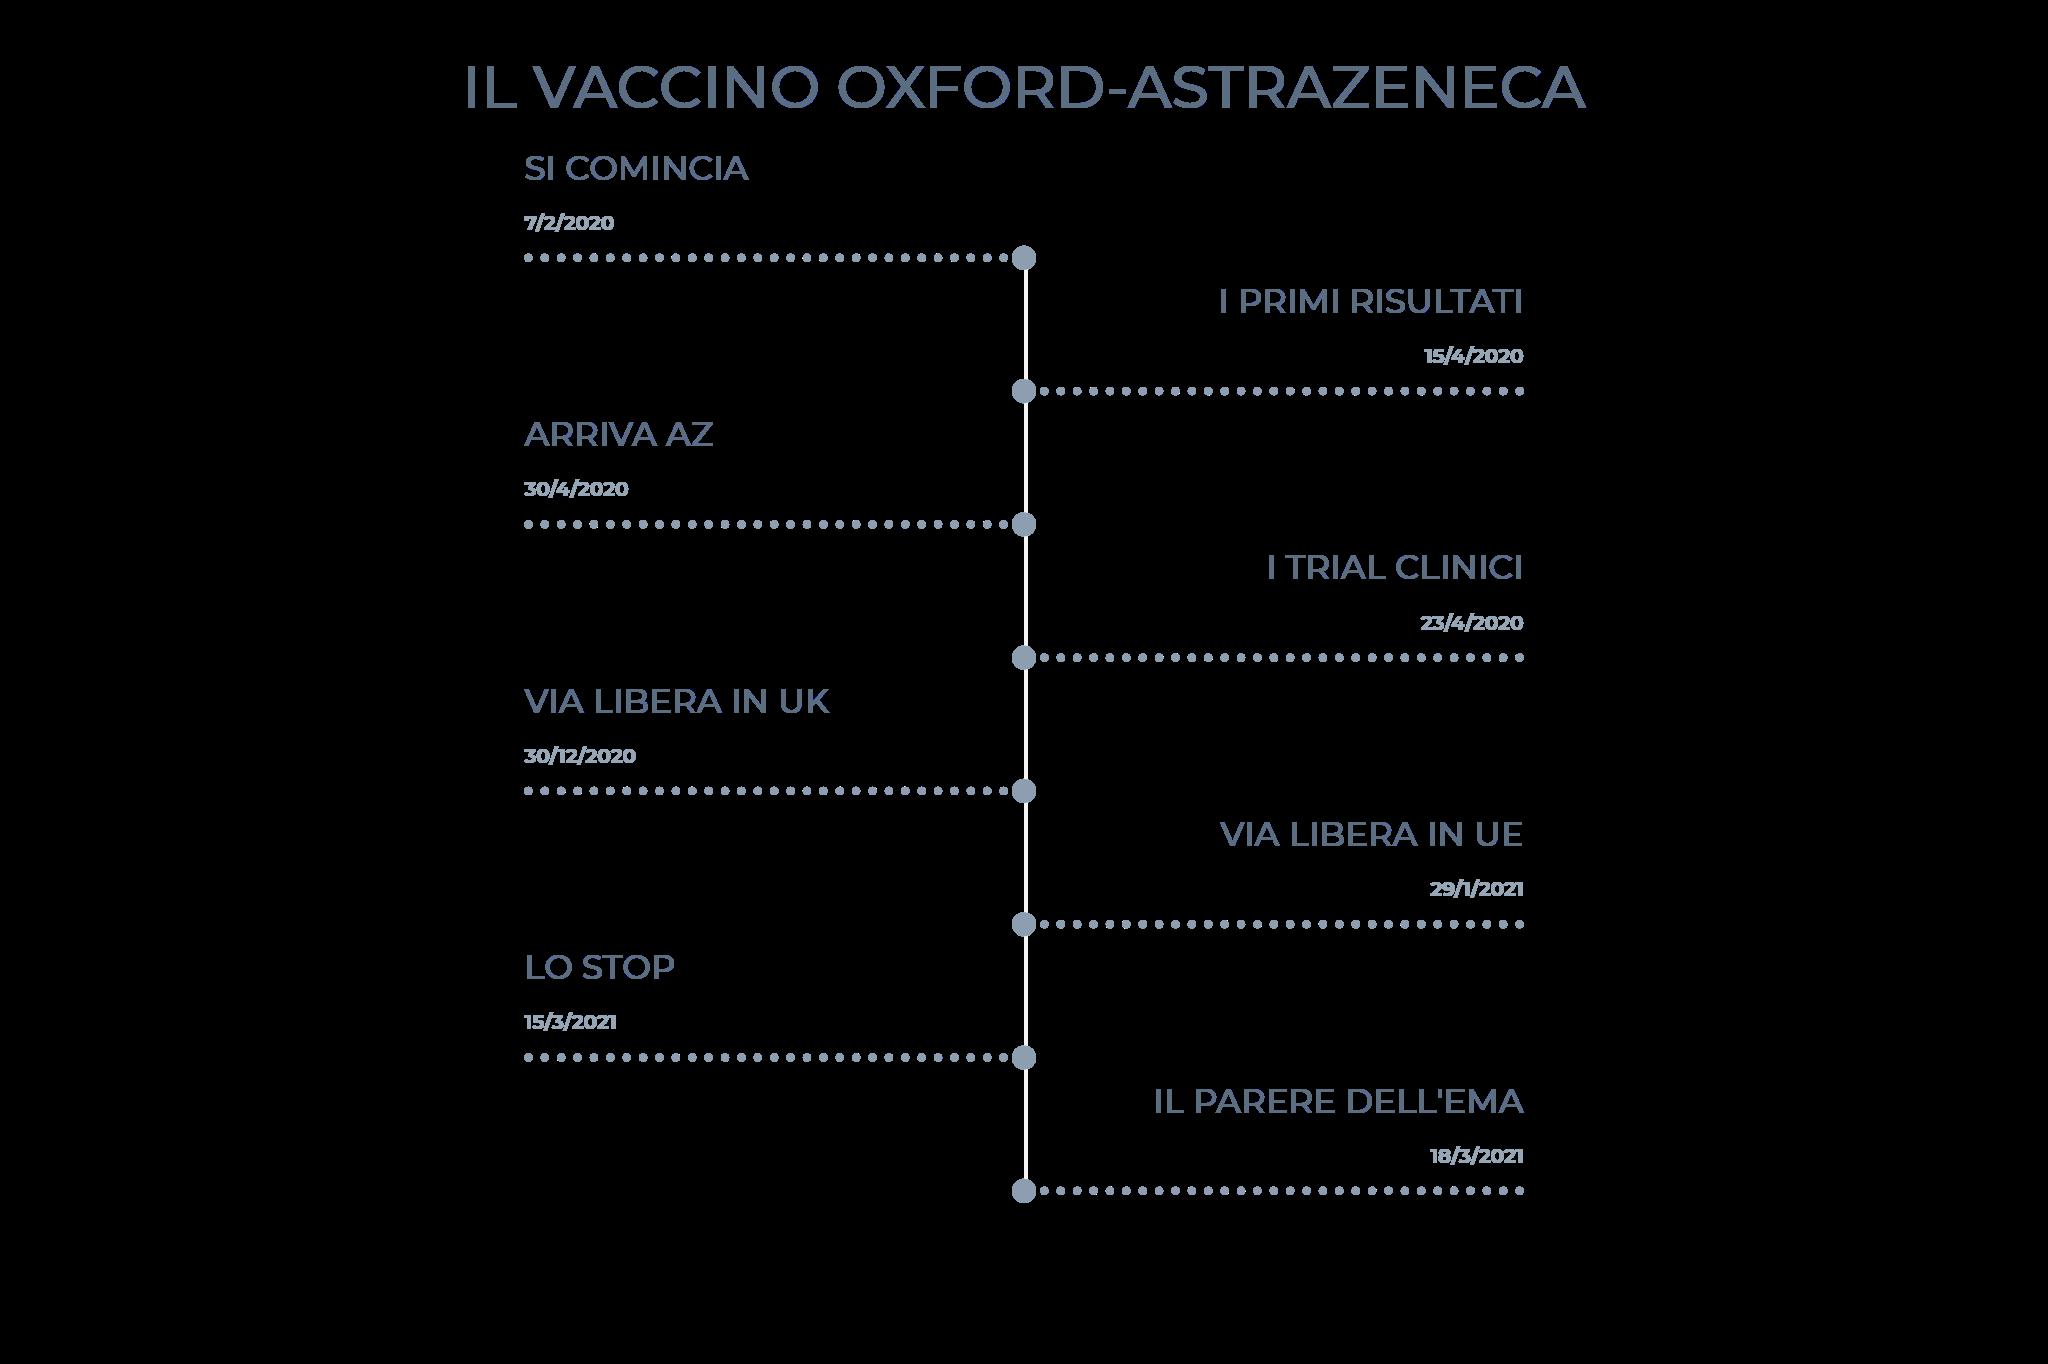 AstraZeneca - Timeline